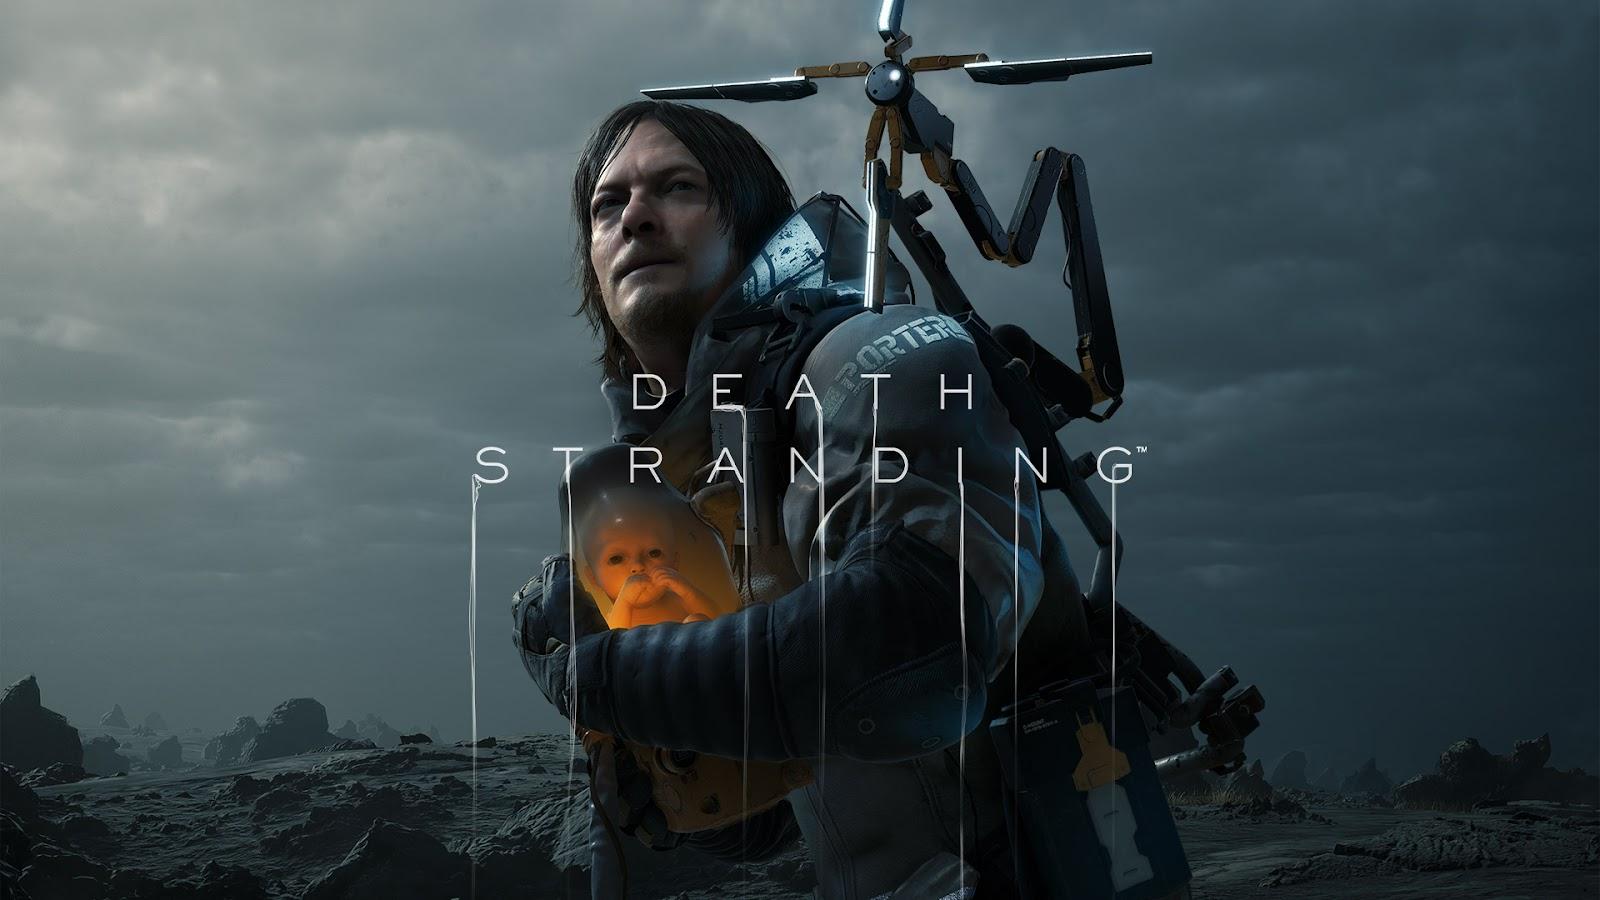 """Résultat de recherche d'images pour """"death stranding game"""""""